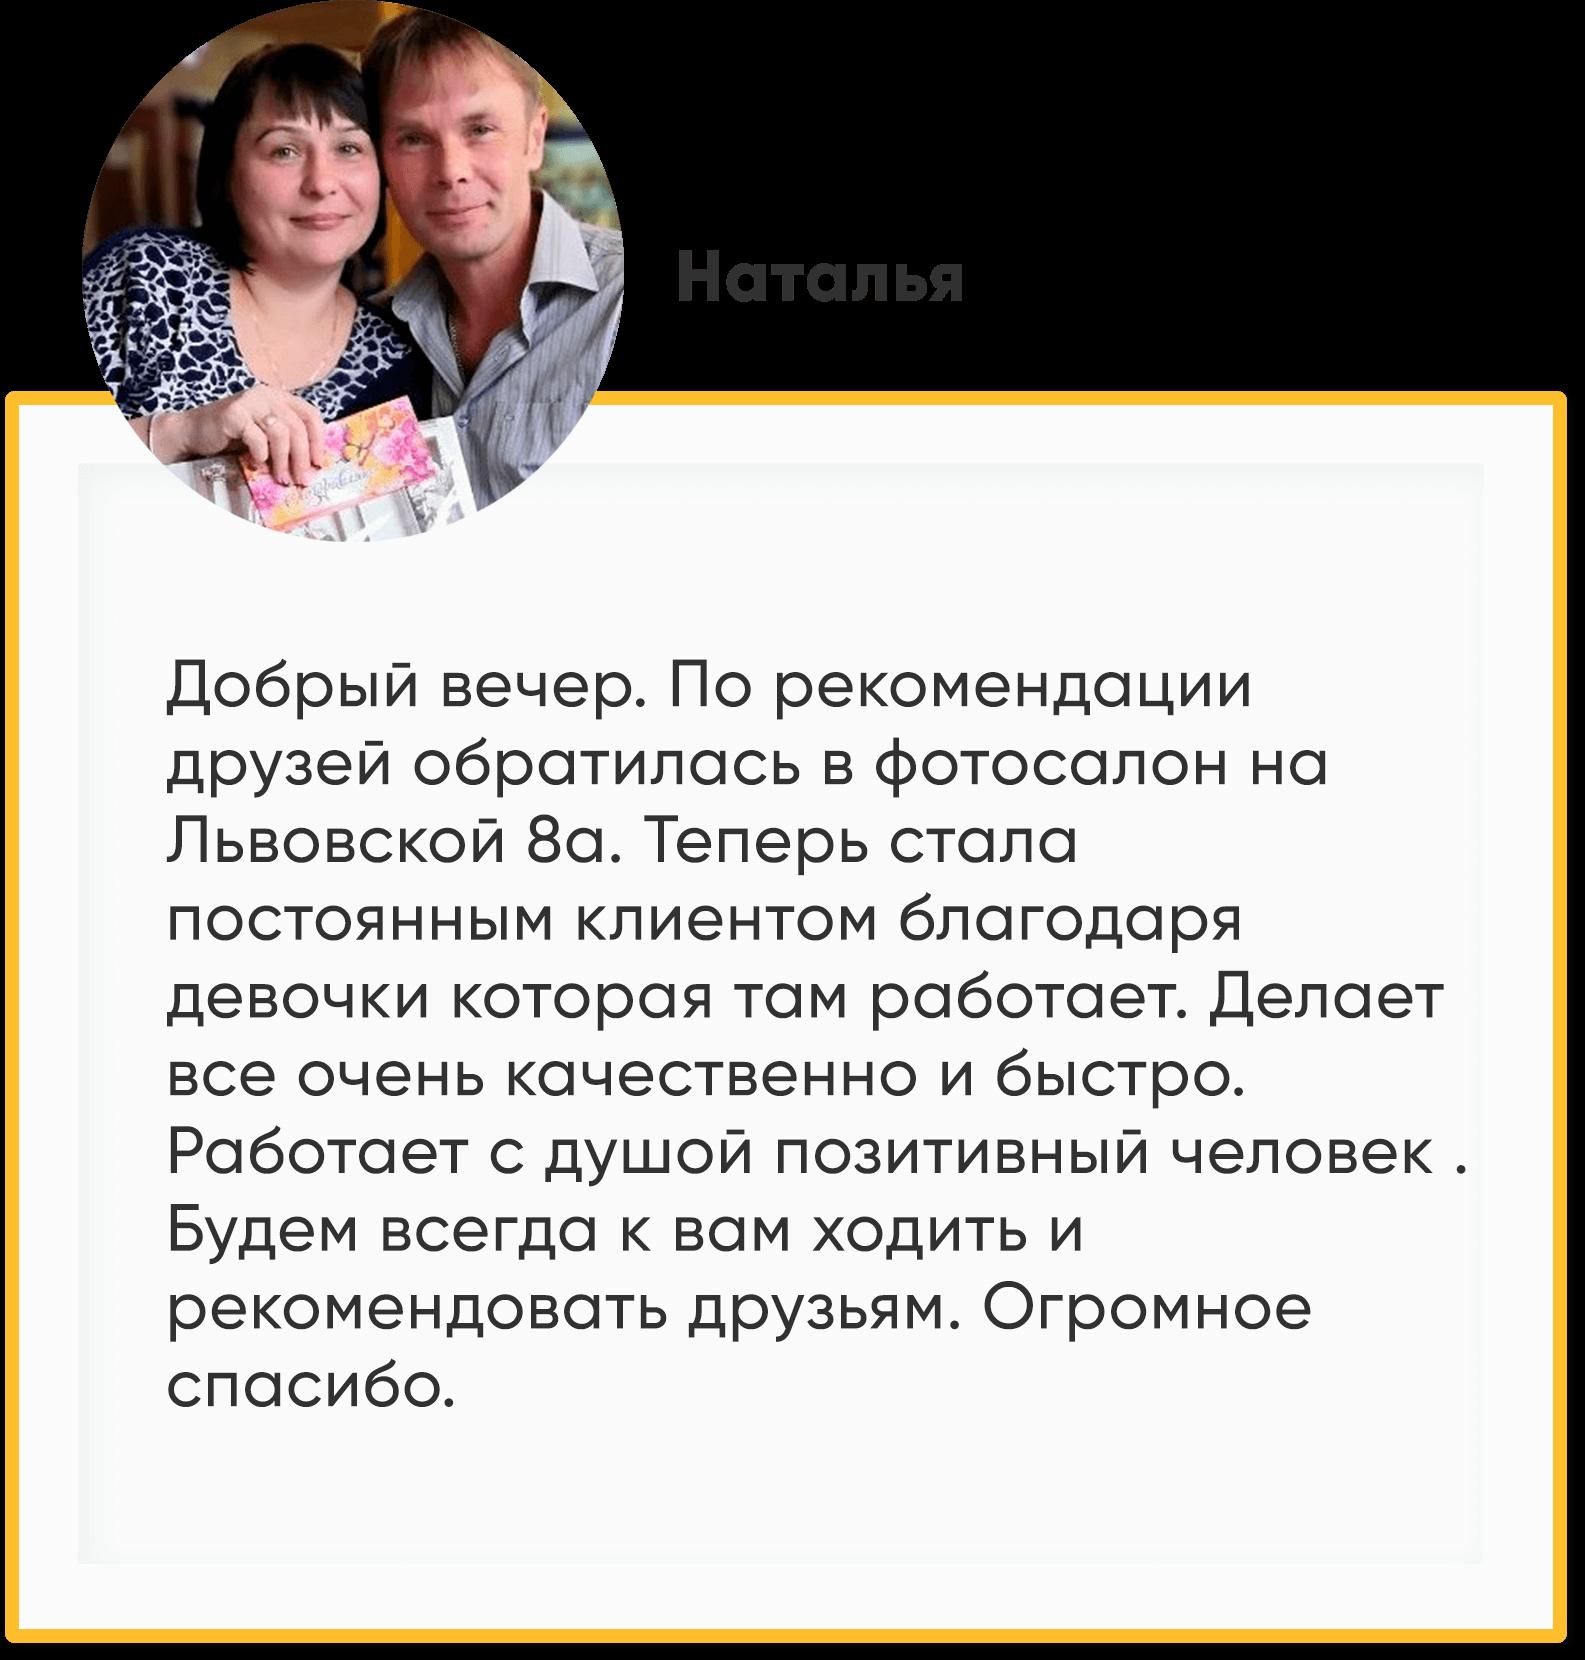 Kartochka_otzyva 3